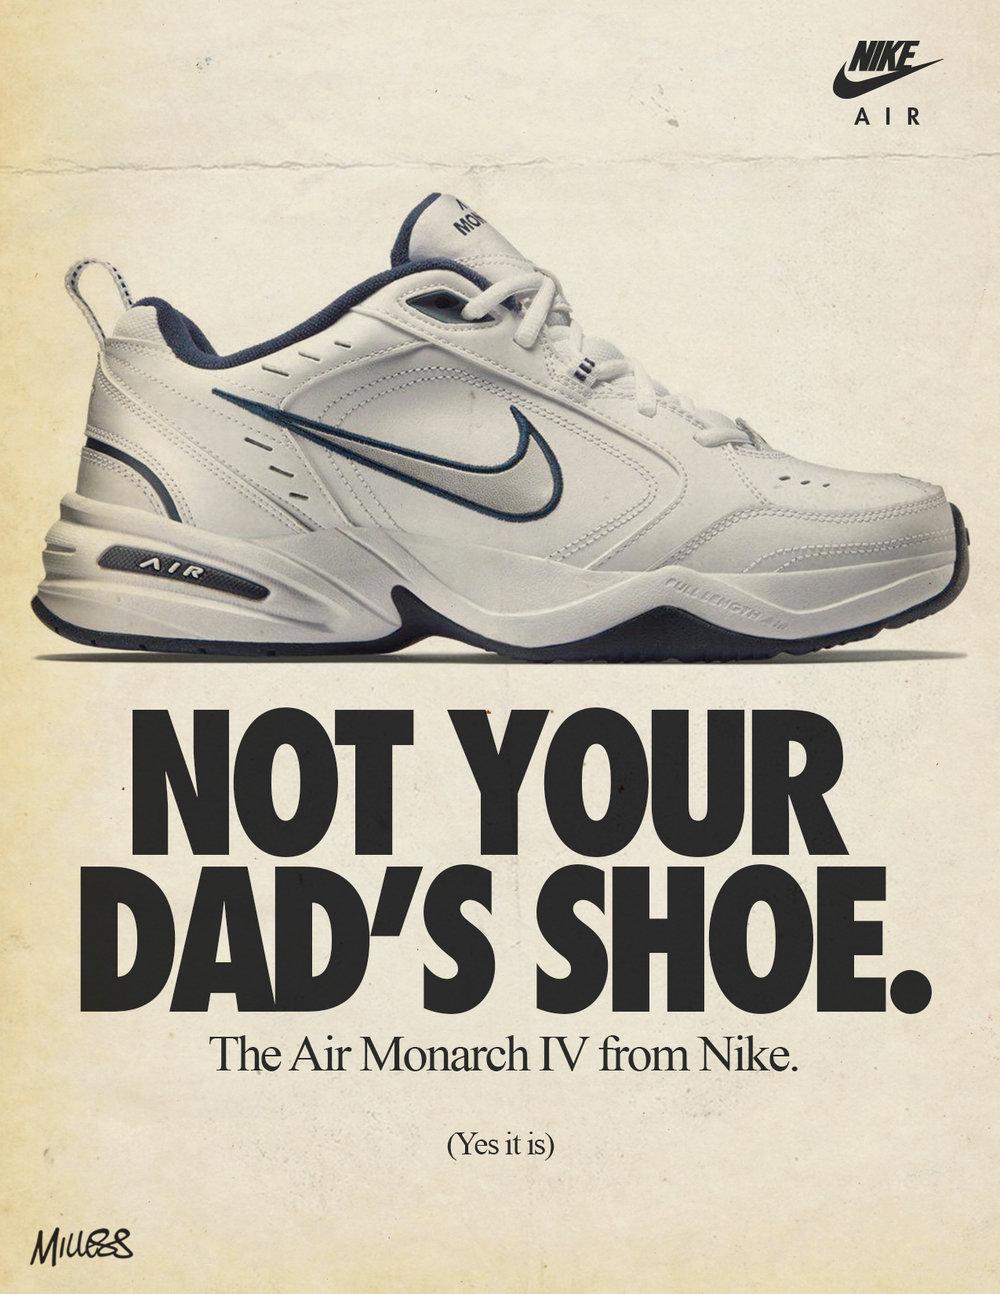 nike air monarch 1990